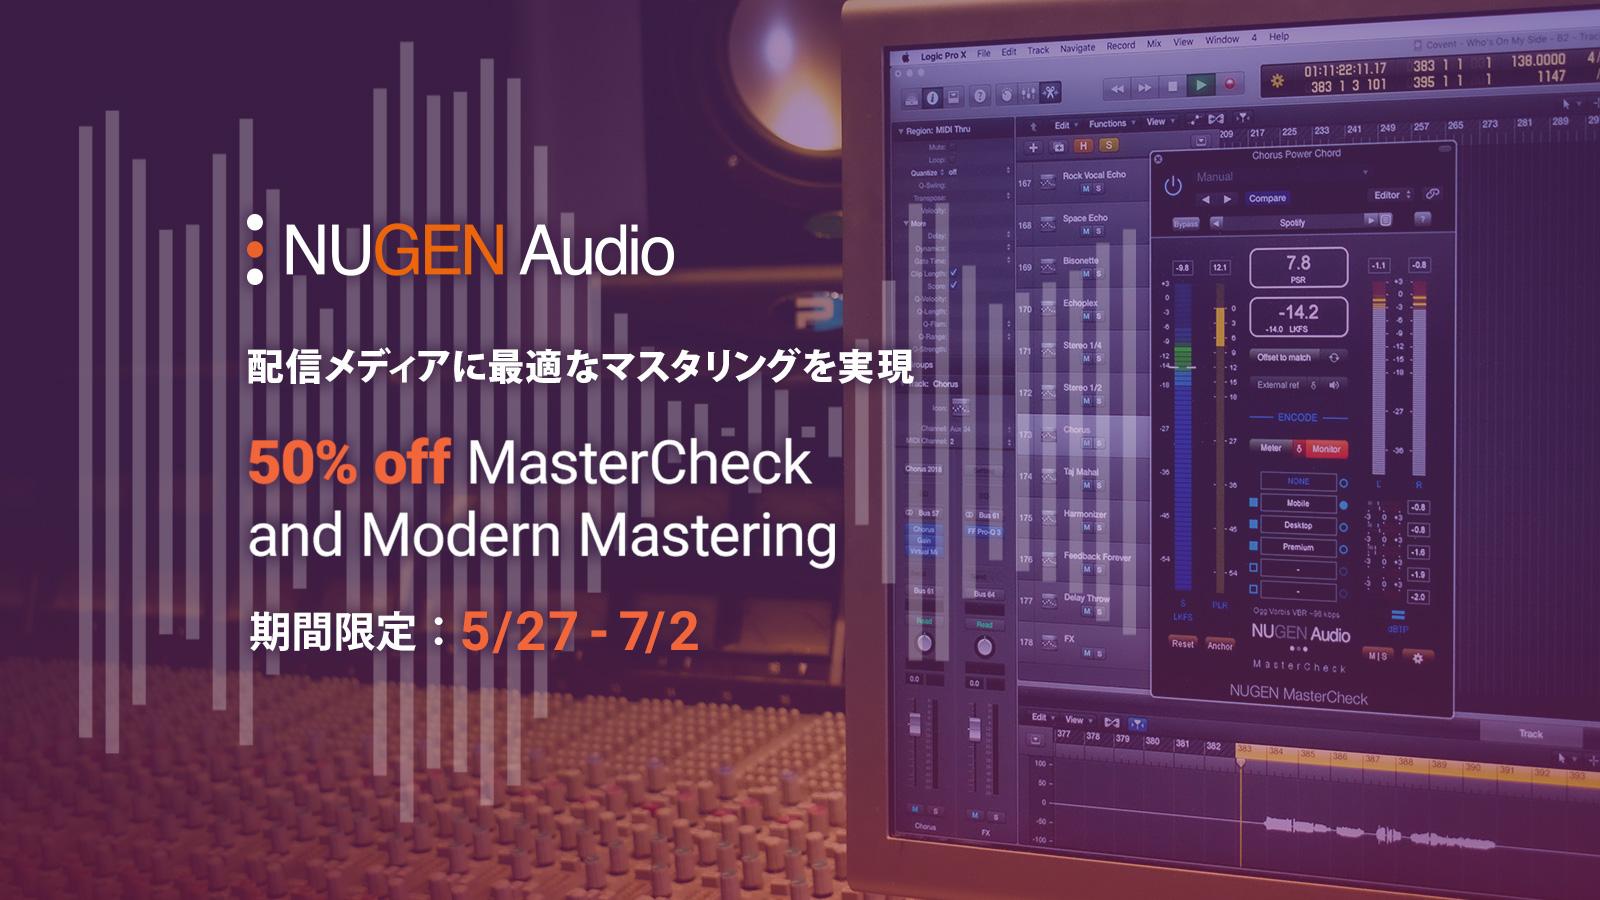 配信メディアに最適なミックスを、Nugen Audio MasterCheck ProとModen Mastering Bundleが約50%OFF!